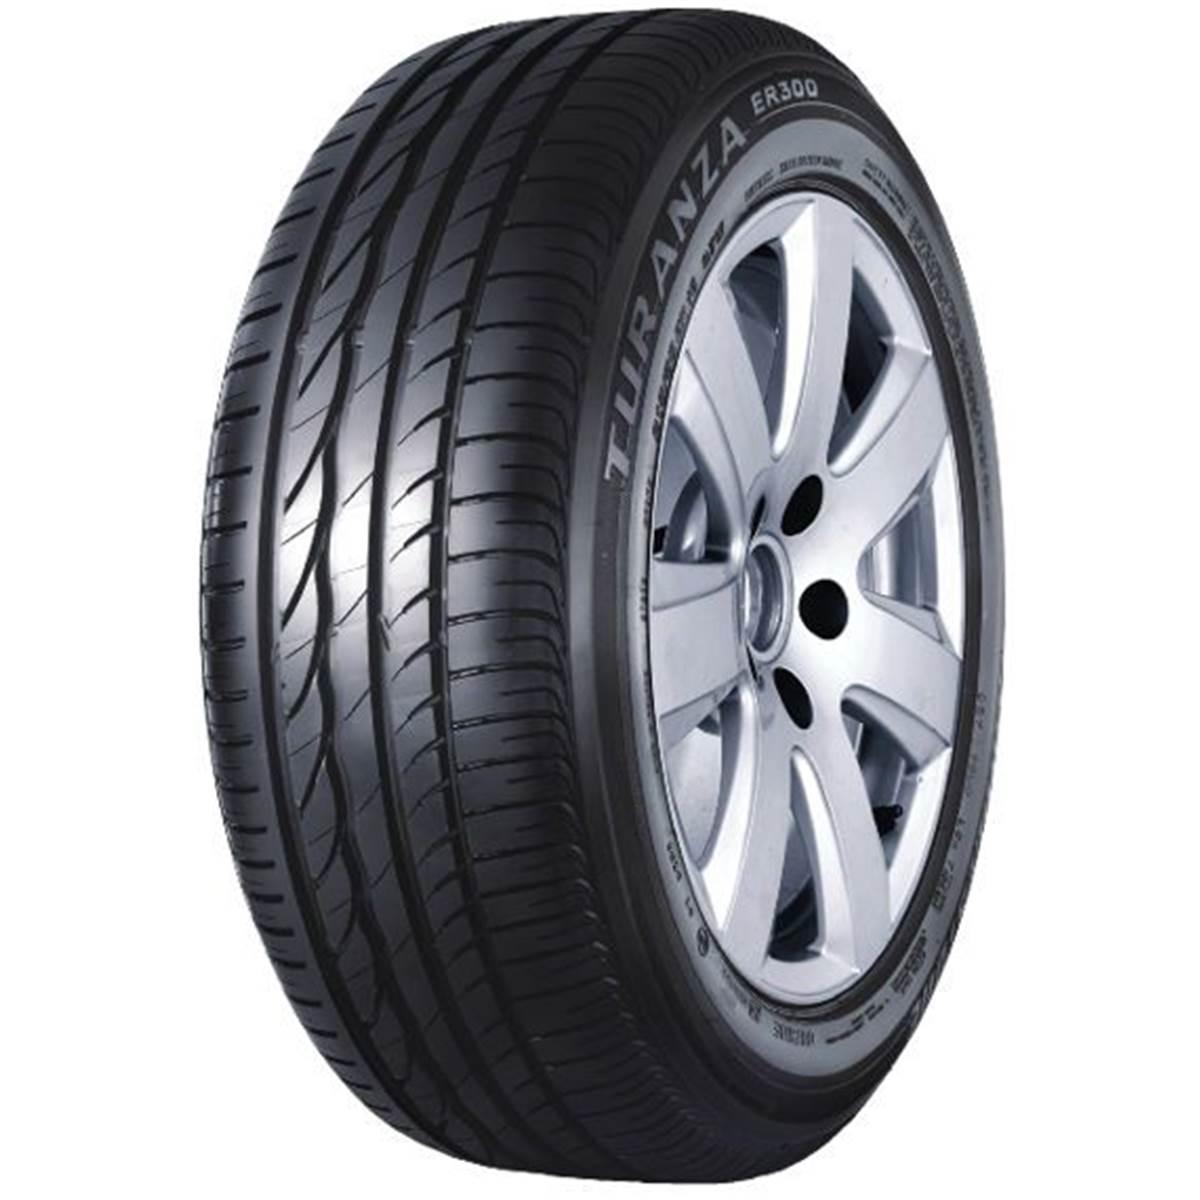 Pneu Bridgestone 205/60R16 92H Turanza Er300